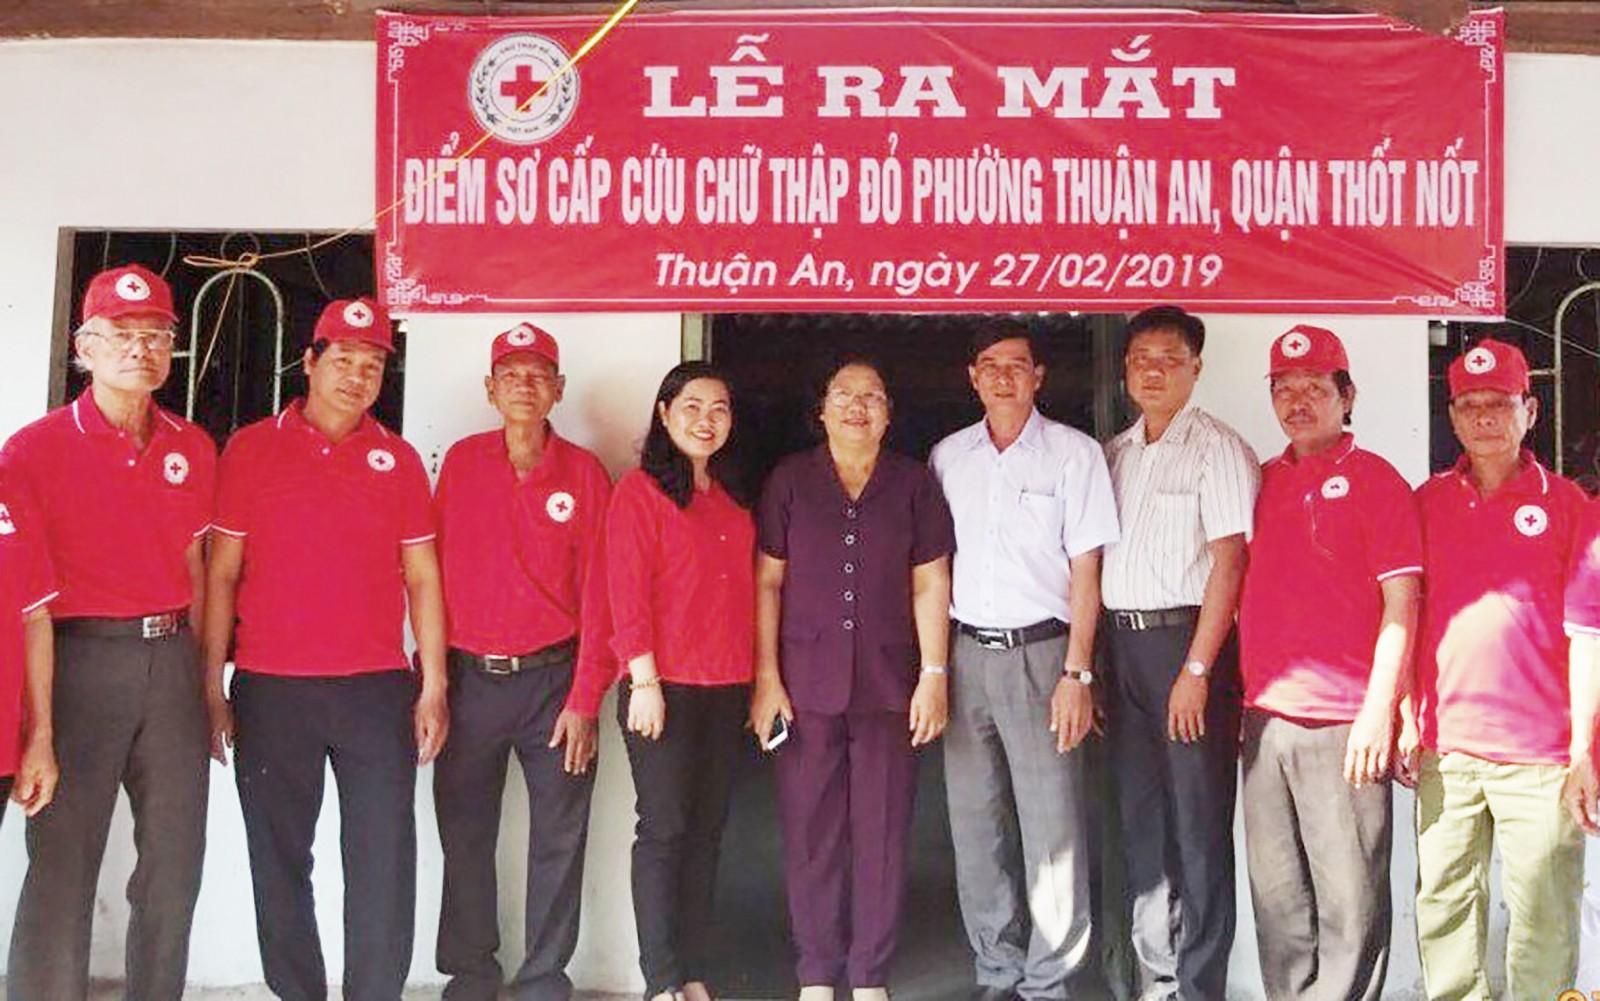 Bà Huỳnh Thanh Thảo, Chủ tịch Hội CTĐ TP Cần Thơ chụp ảnh lưu niệm với Đội sơ cấp cứu CTĐ phường Thuận An, quận Thốt Nốt trong ngày ra mắt.